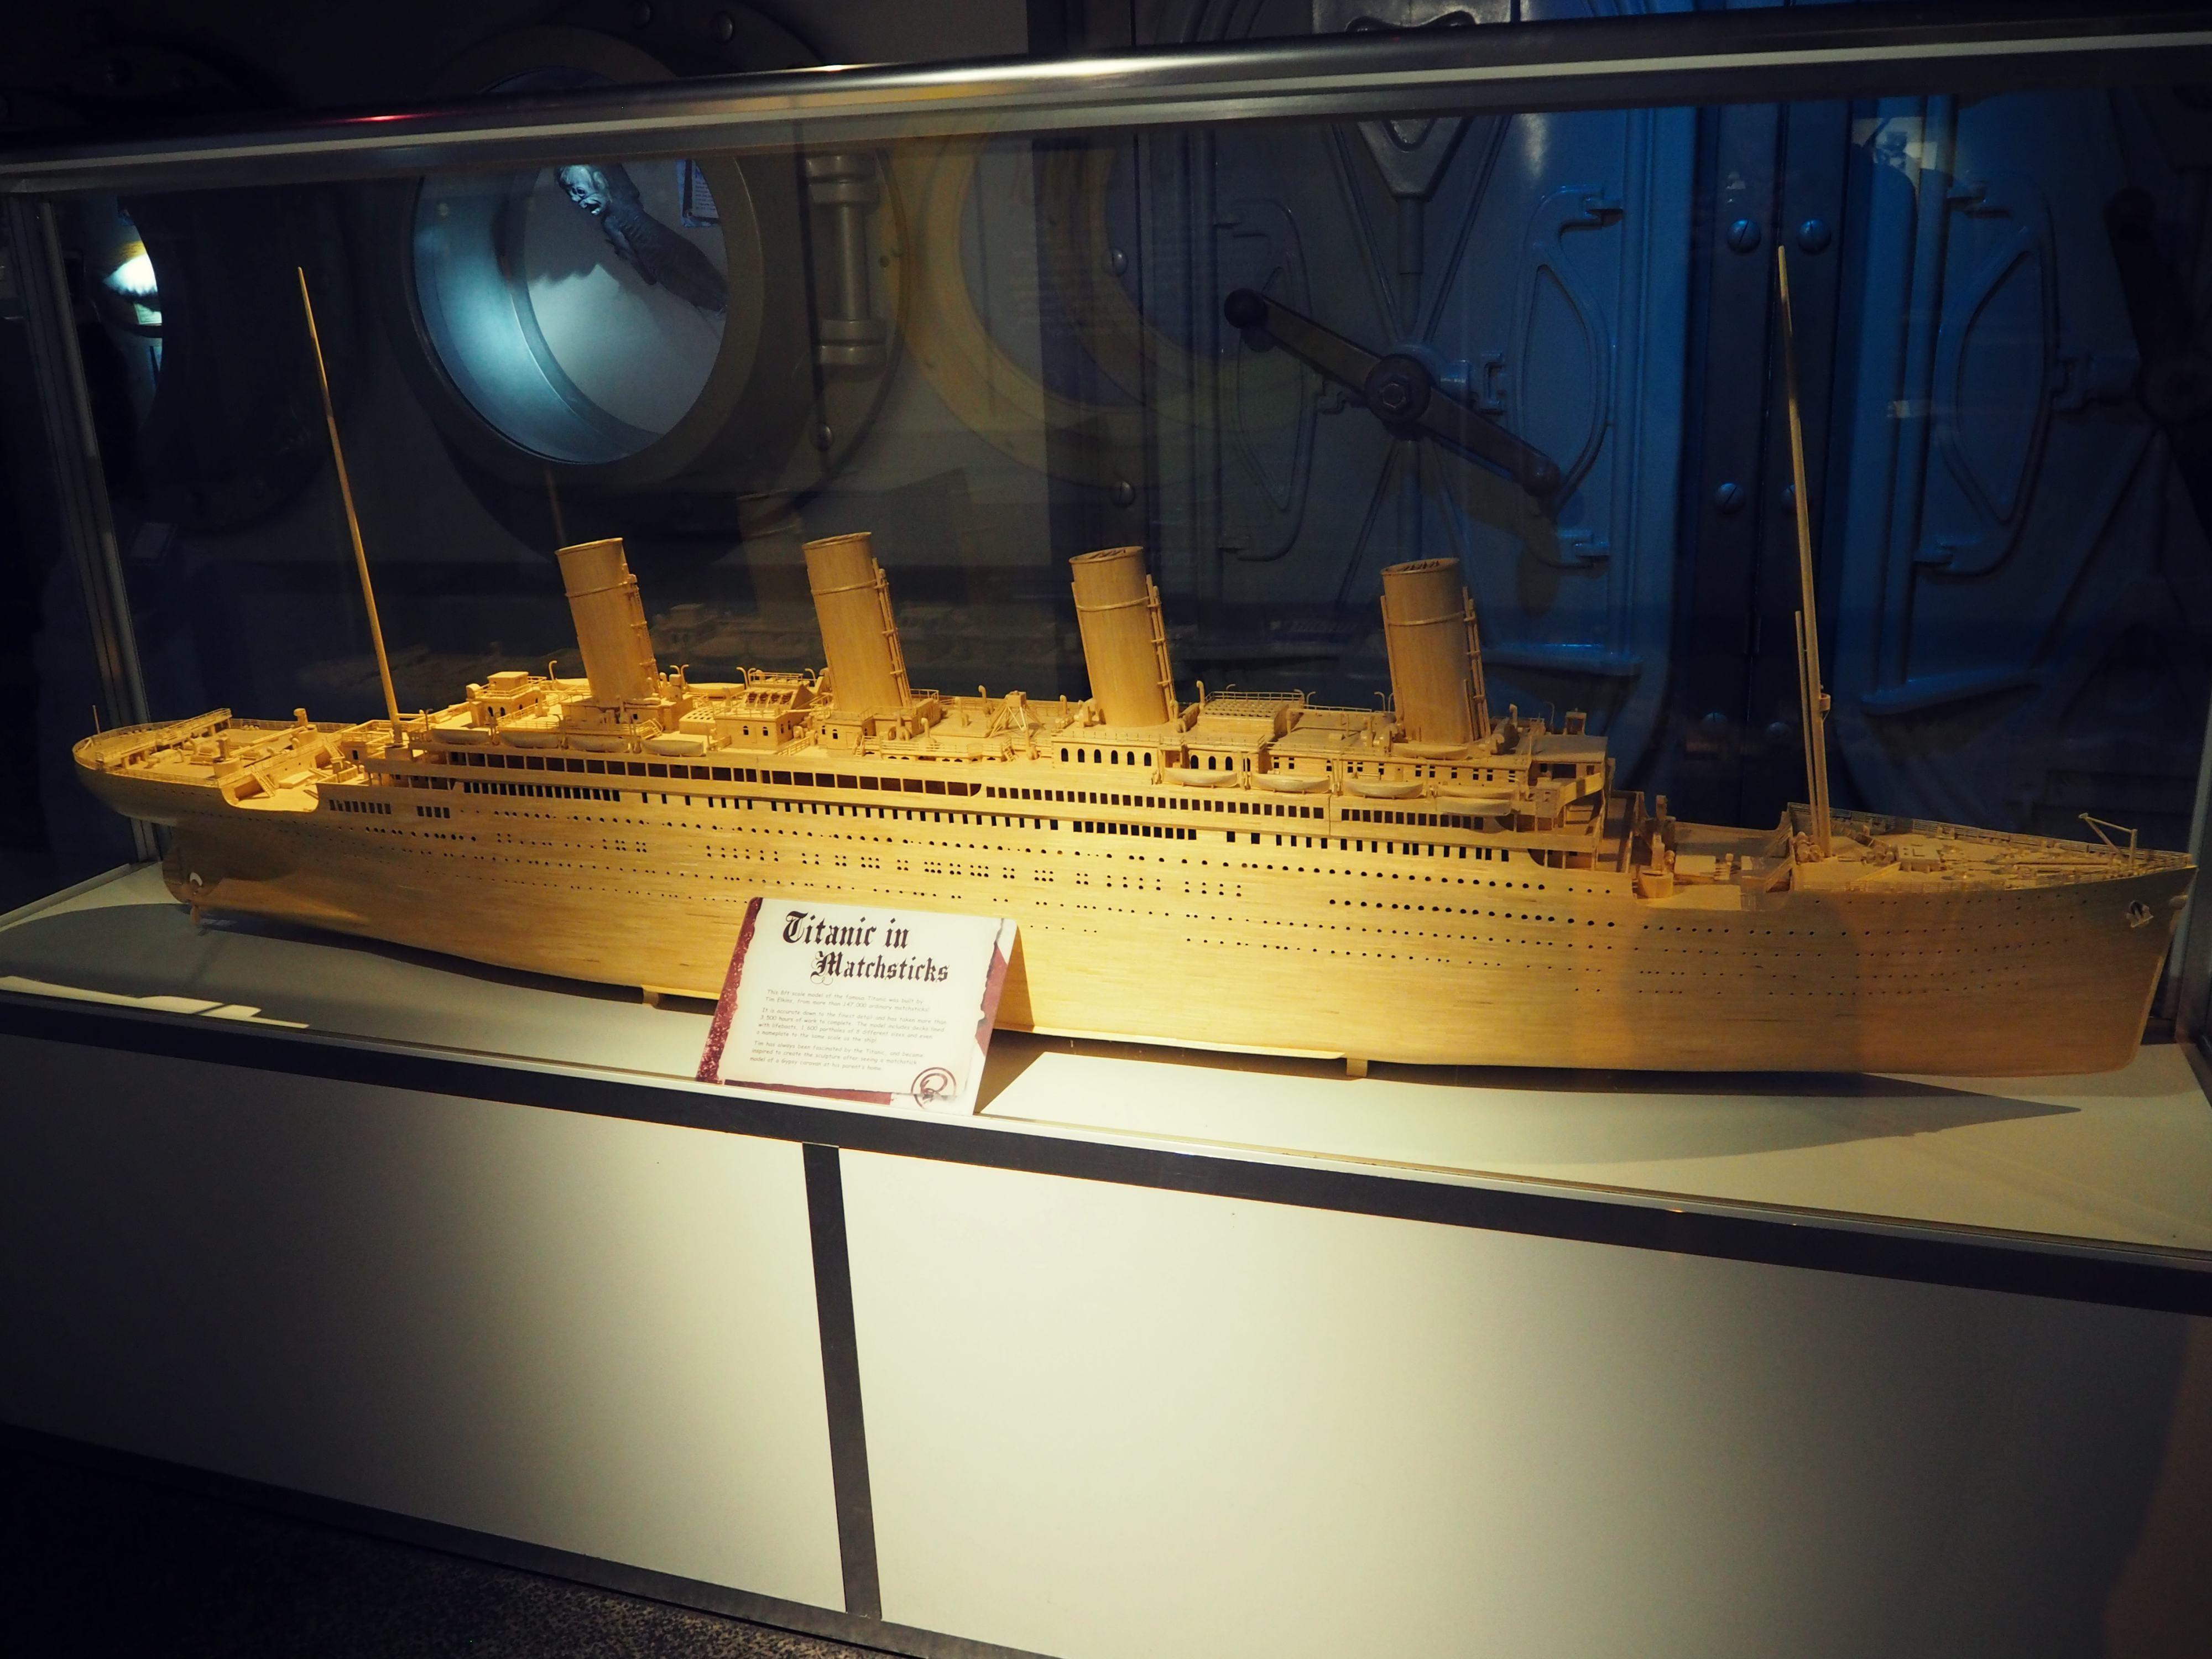 Beeindruckend: Eine Titanic komplett aus Streichhölzern!